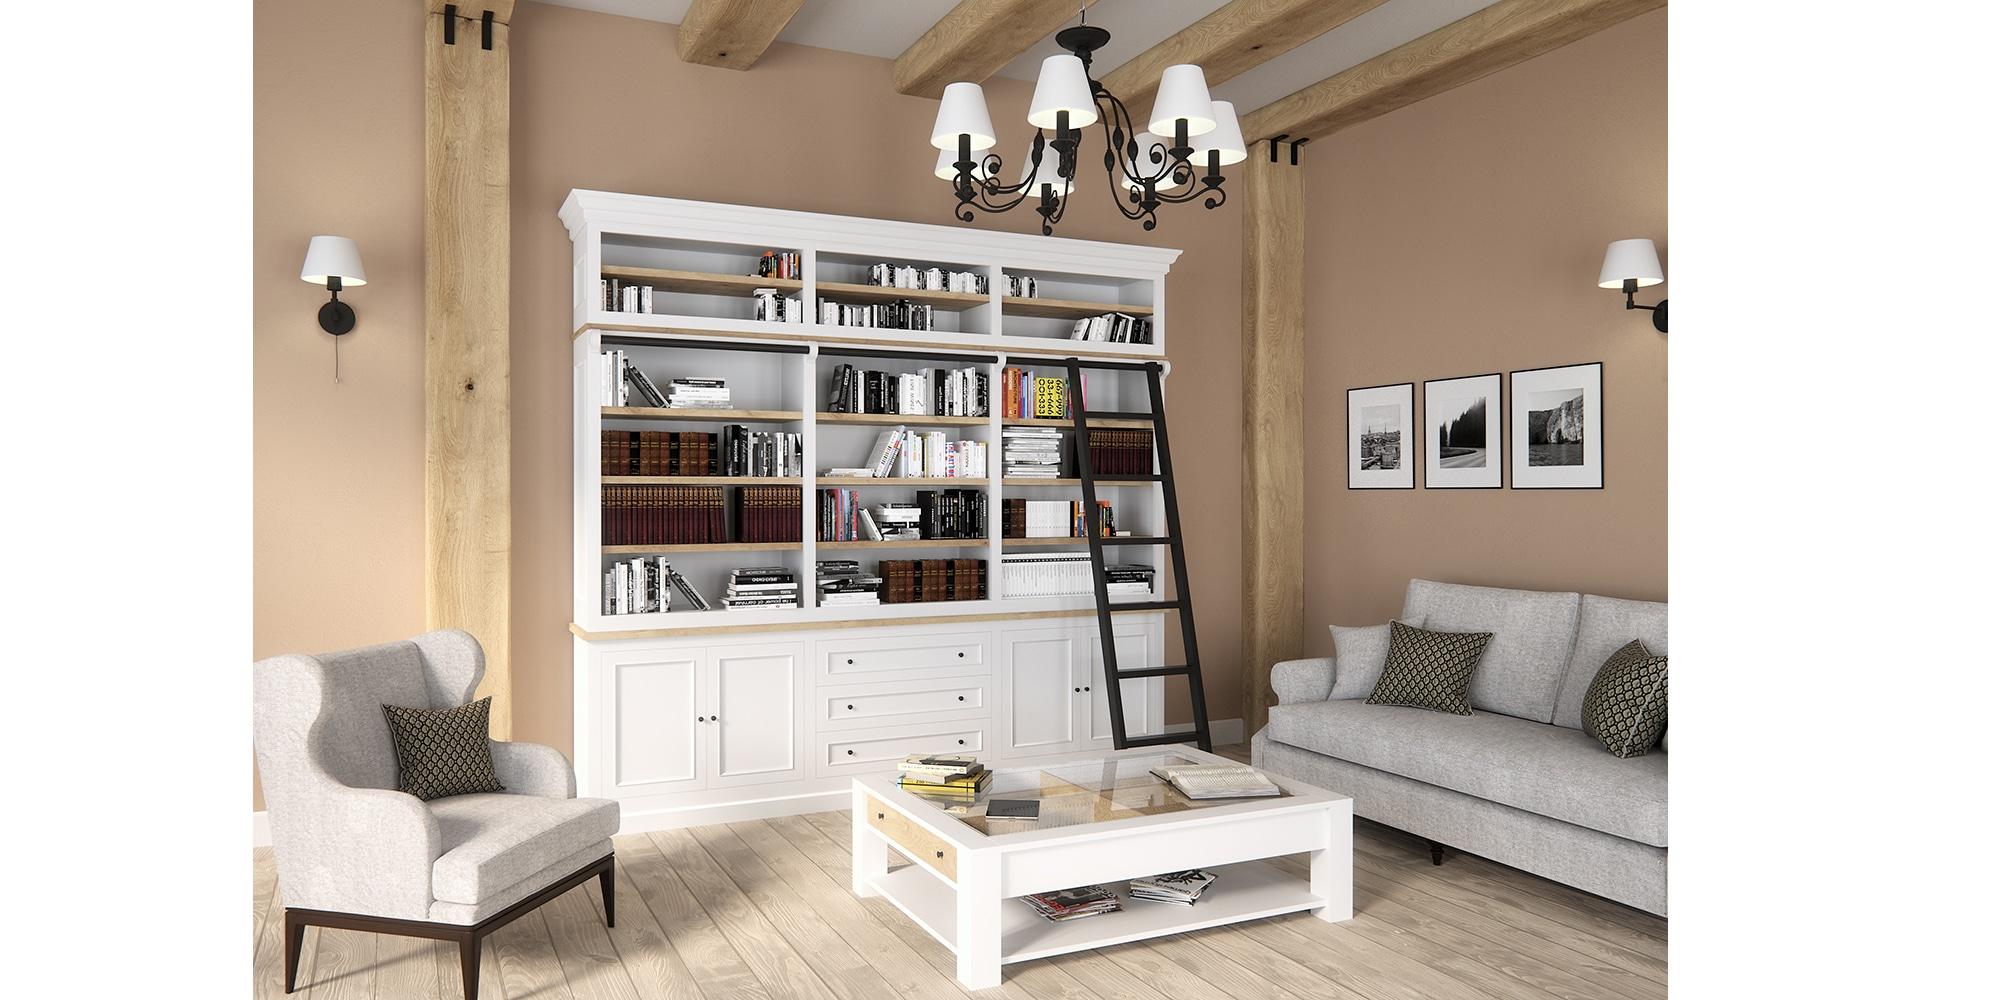 Table basse en chêne et pin massif design cottage / charme sur mesure